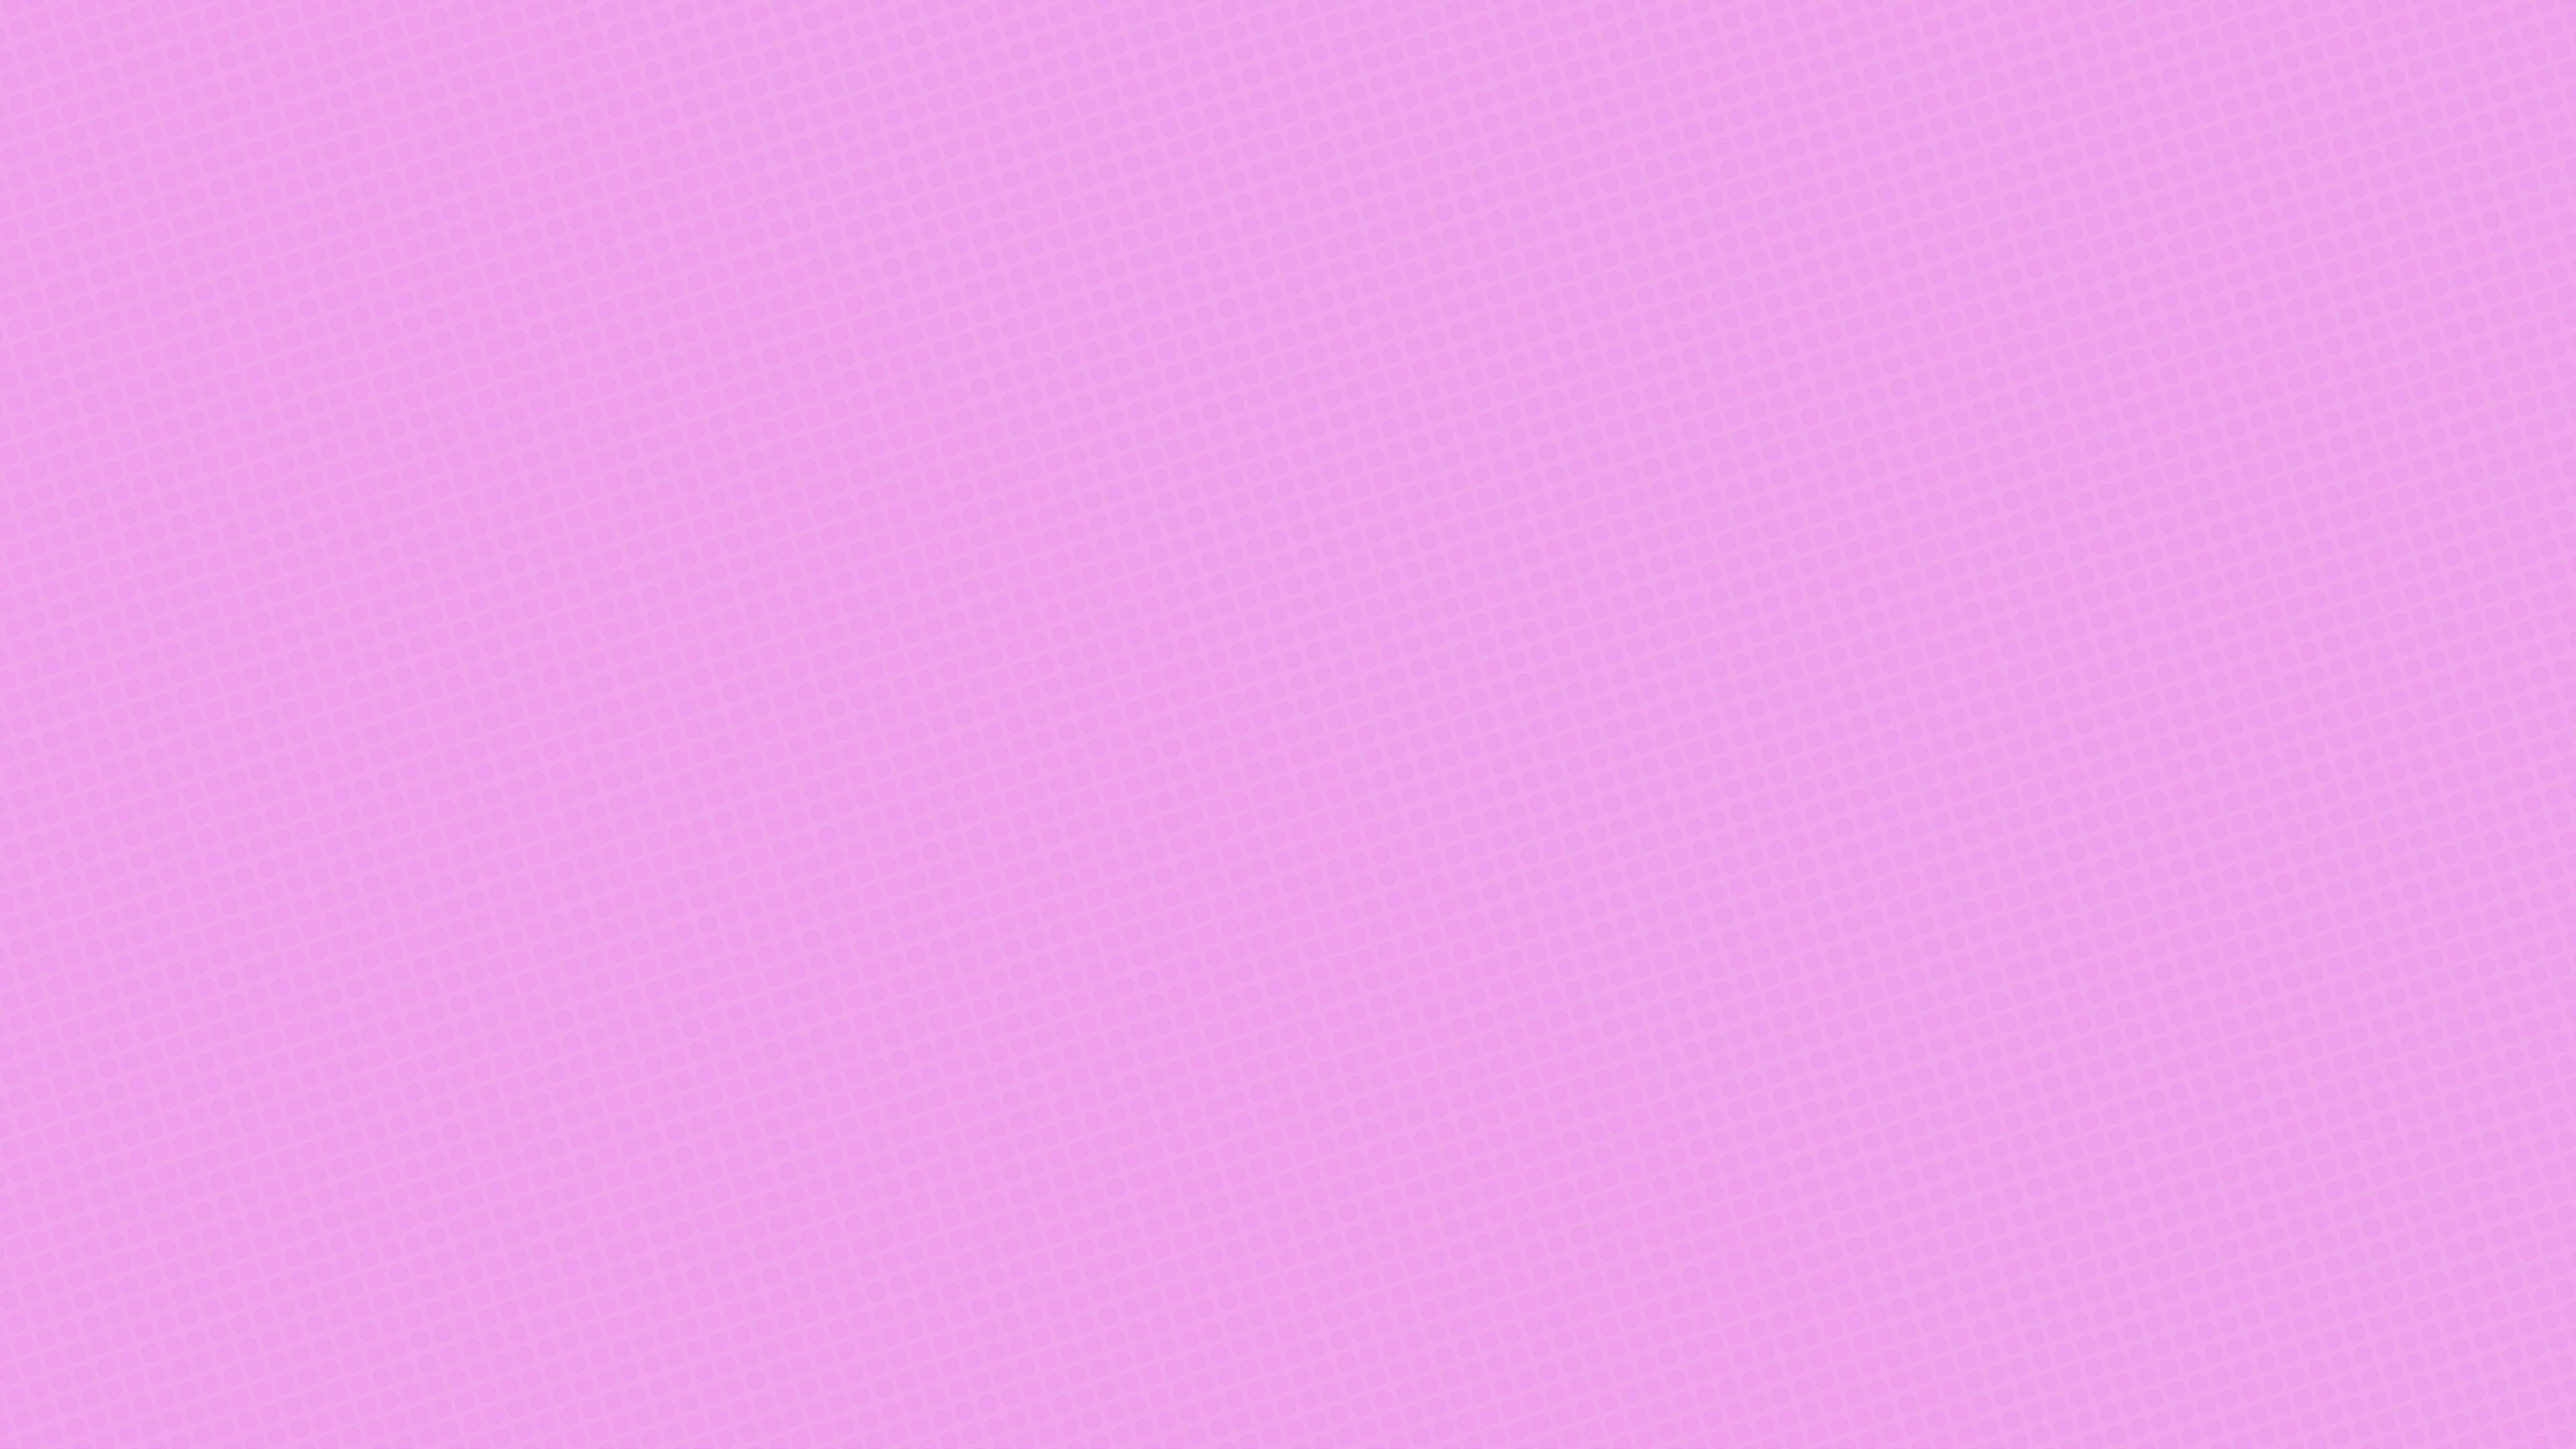 Sfondi Sfondo Semplice Viola Modello Pendenza Cerchio Pois